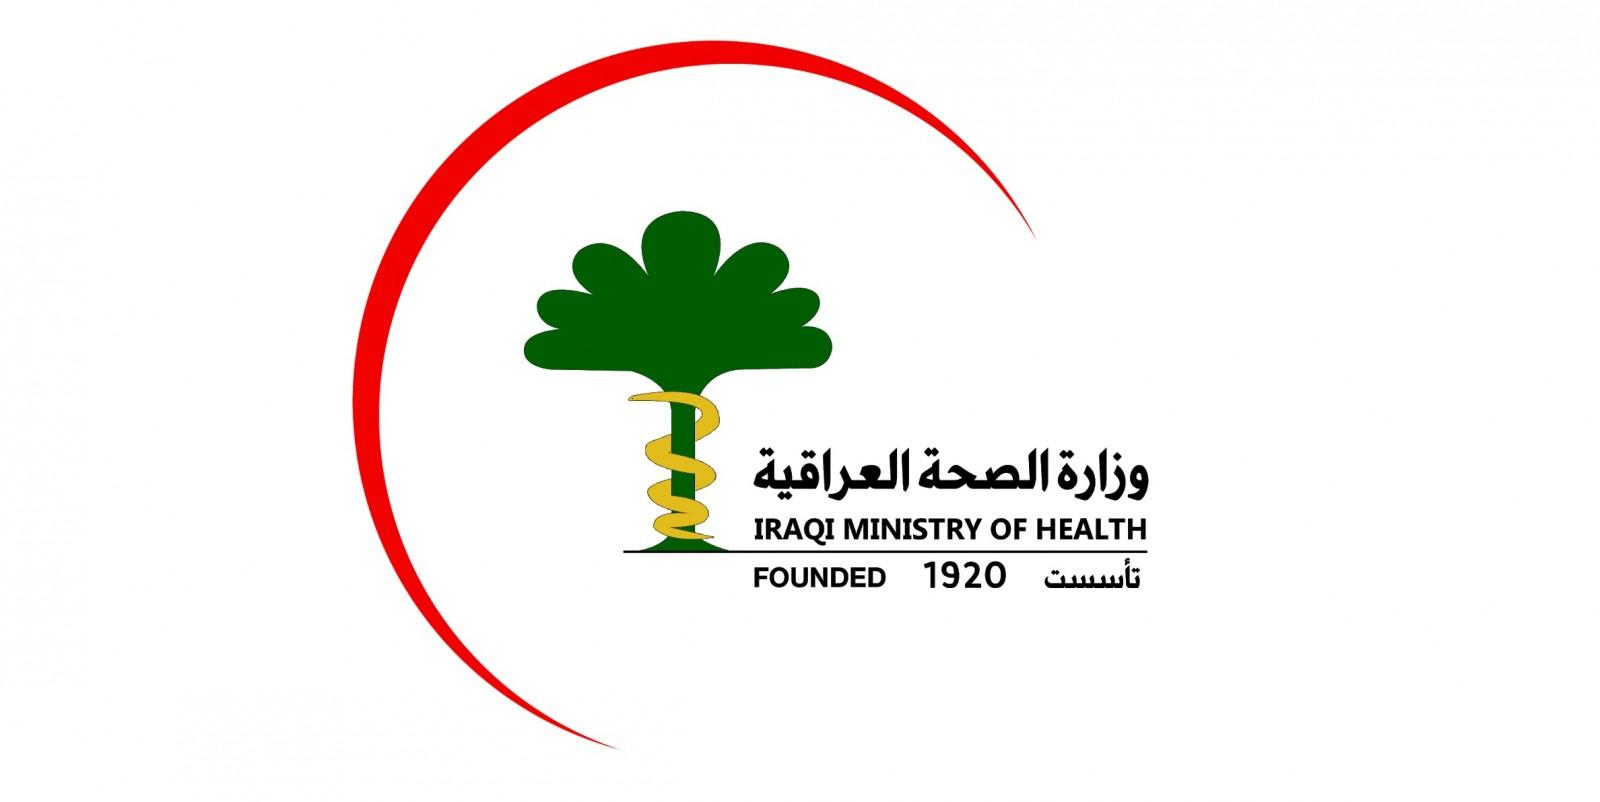 العراق يسجل 110 وفيات و2184 إصابة جديدة بكورونا